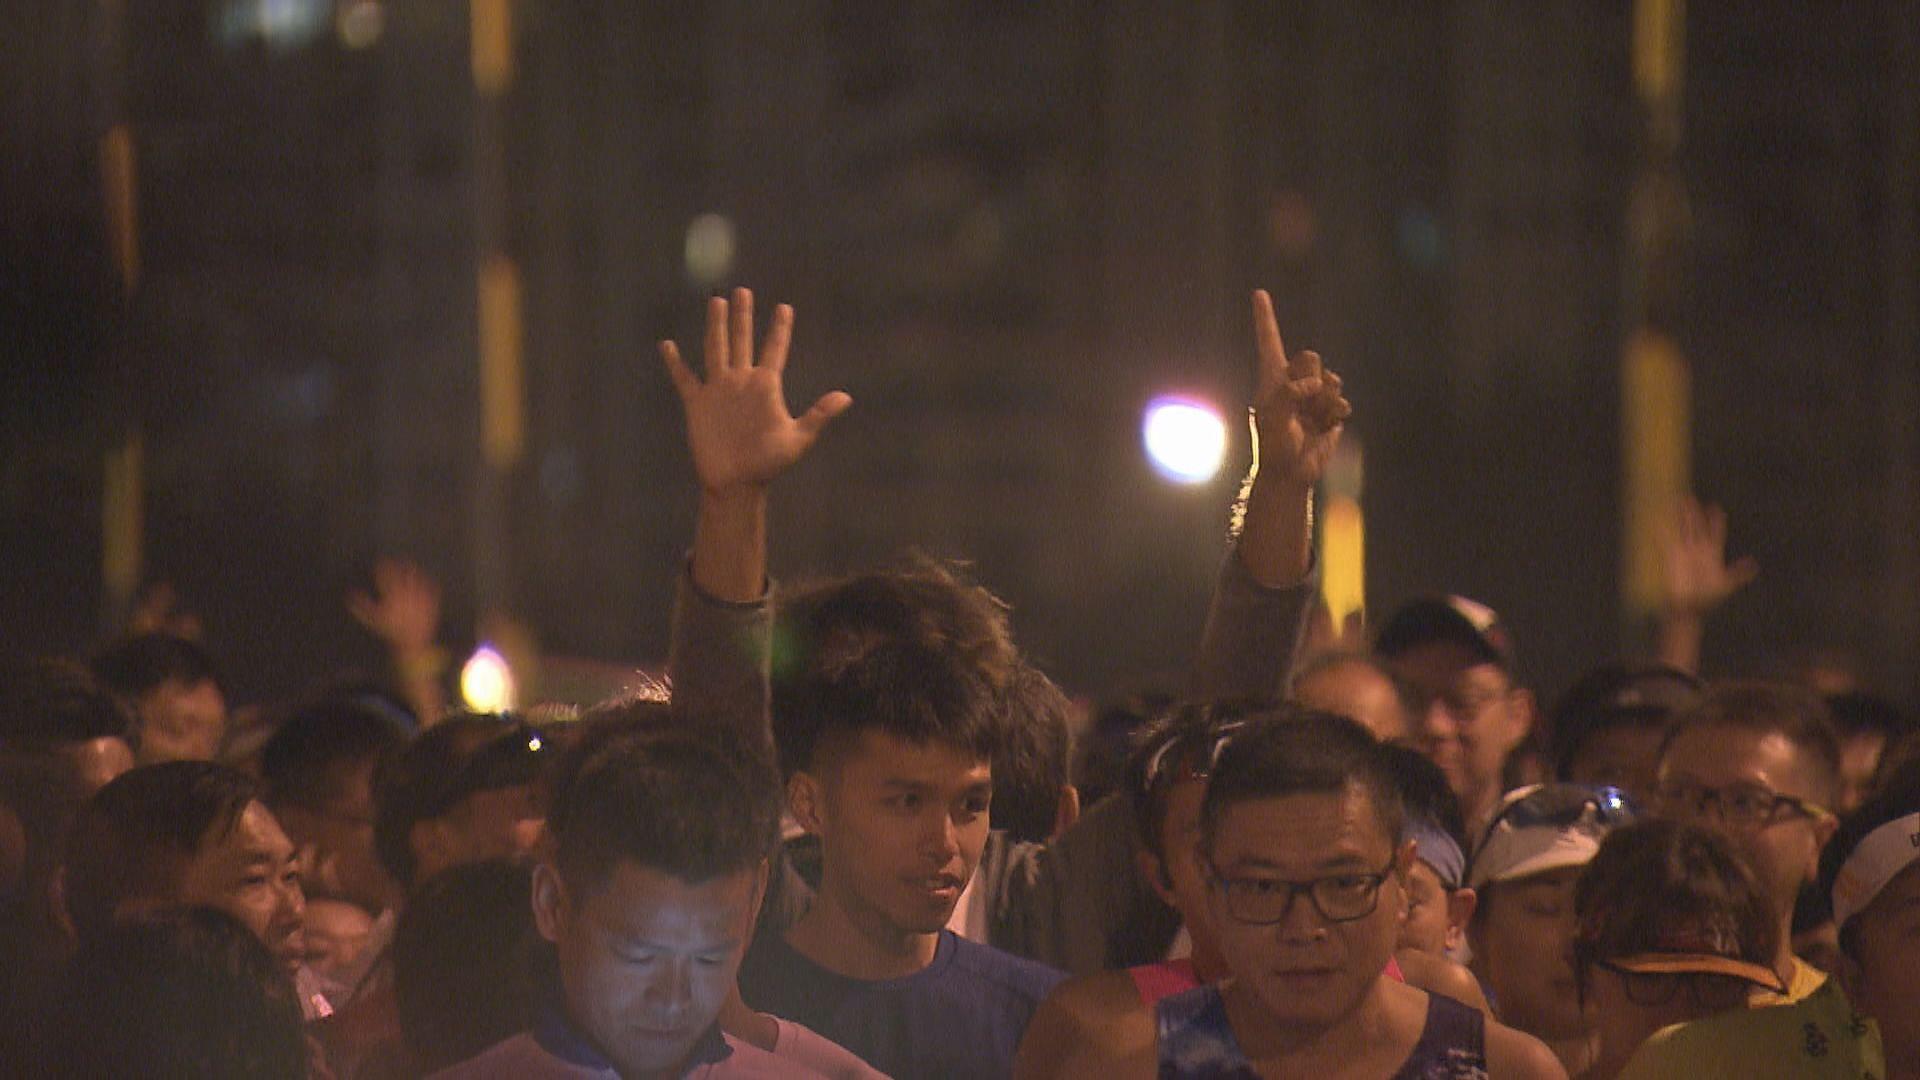 香港街馬有跑手高舉「五大訴求」手勢